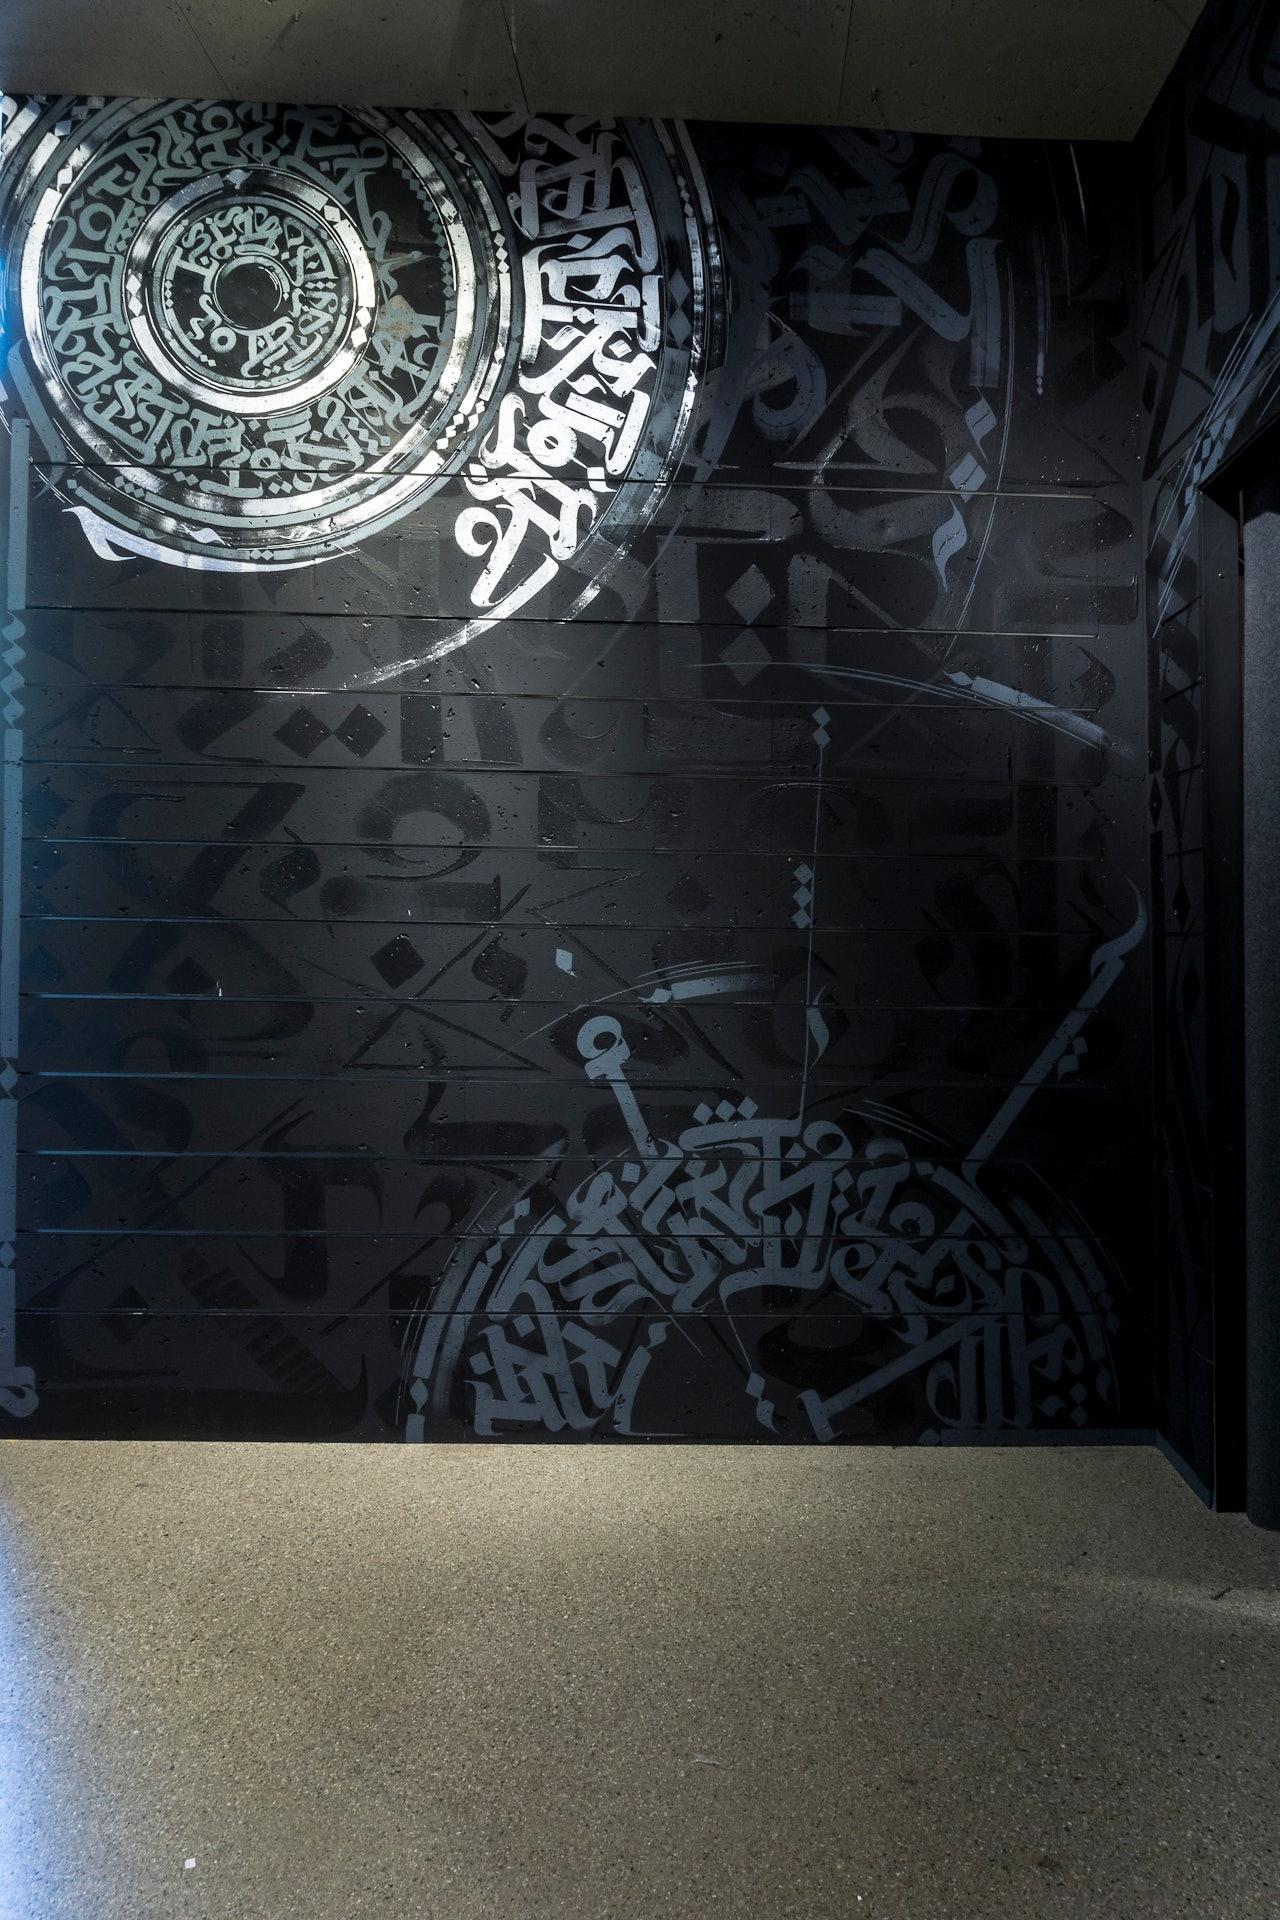 Streetart-Wall gestaltet von Engin Dogan